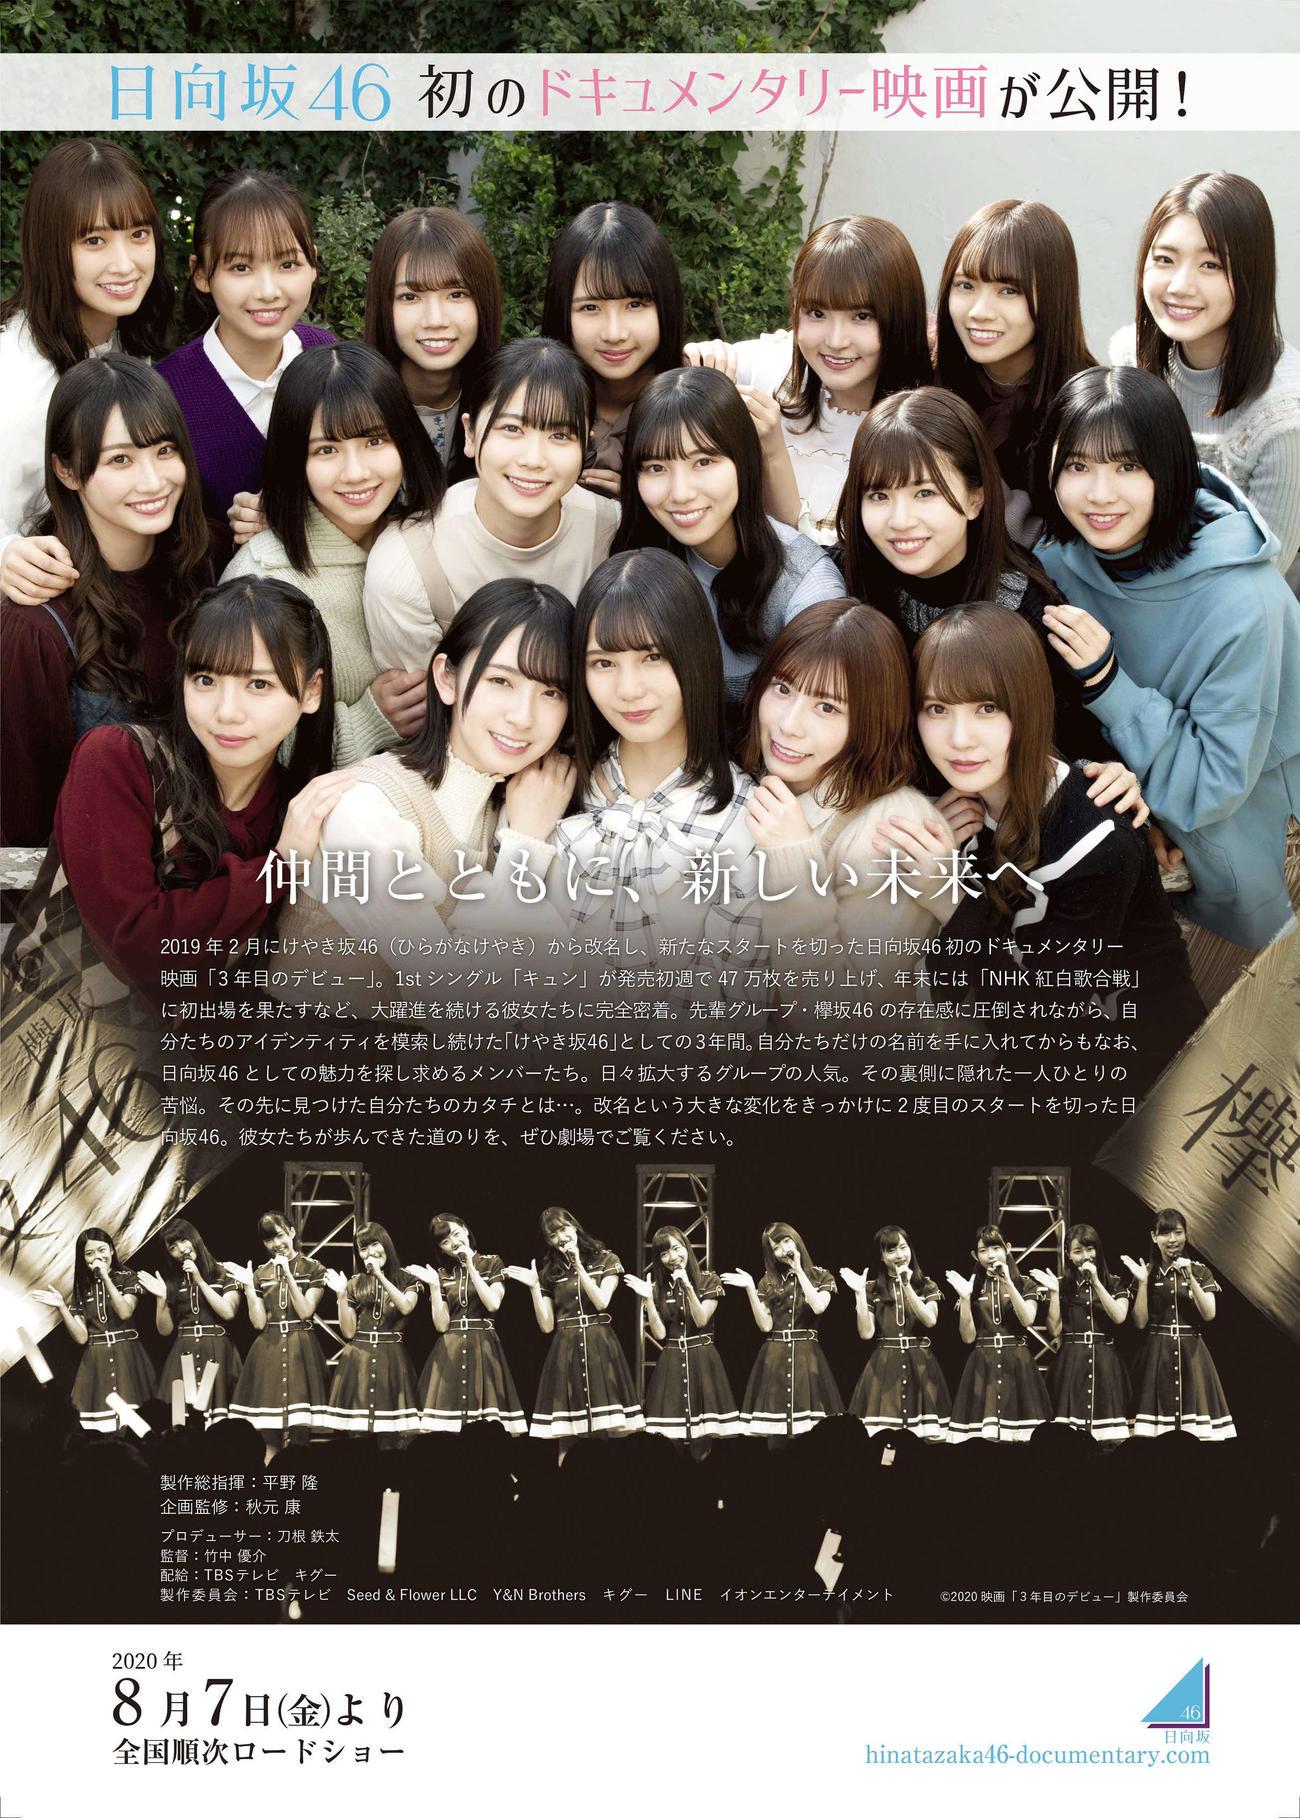 日向坂46初のドキュメンタリー映画「3年目のデビュー」のポスタービジュアル